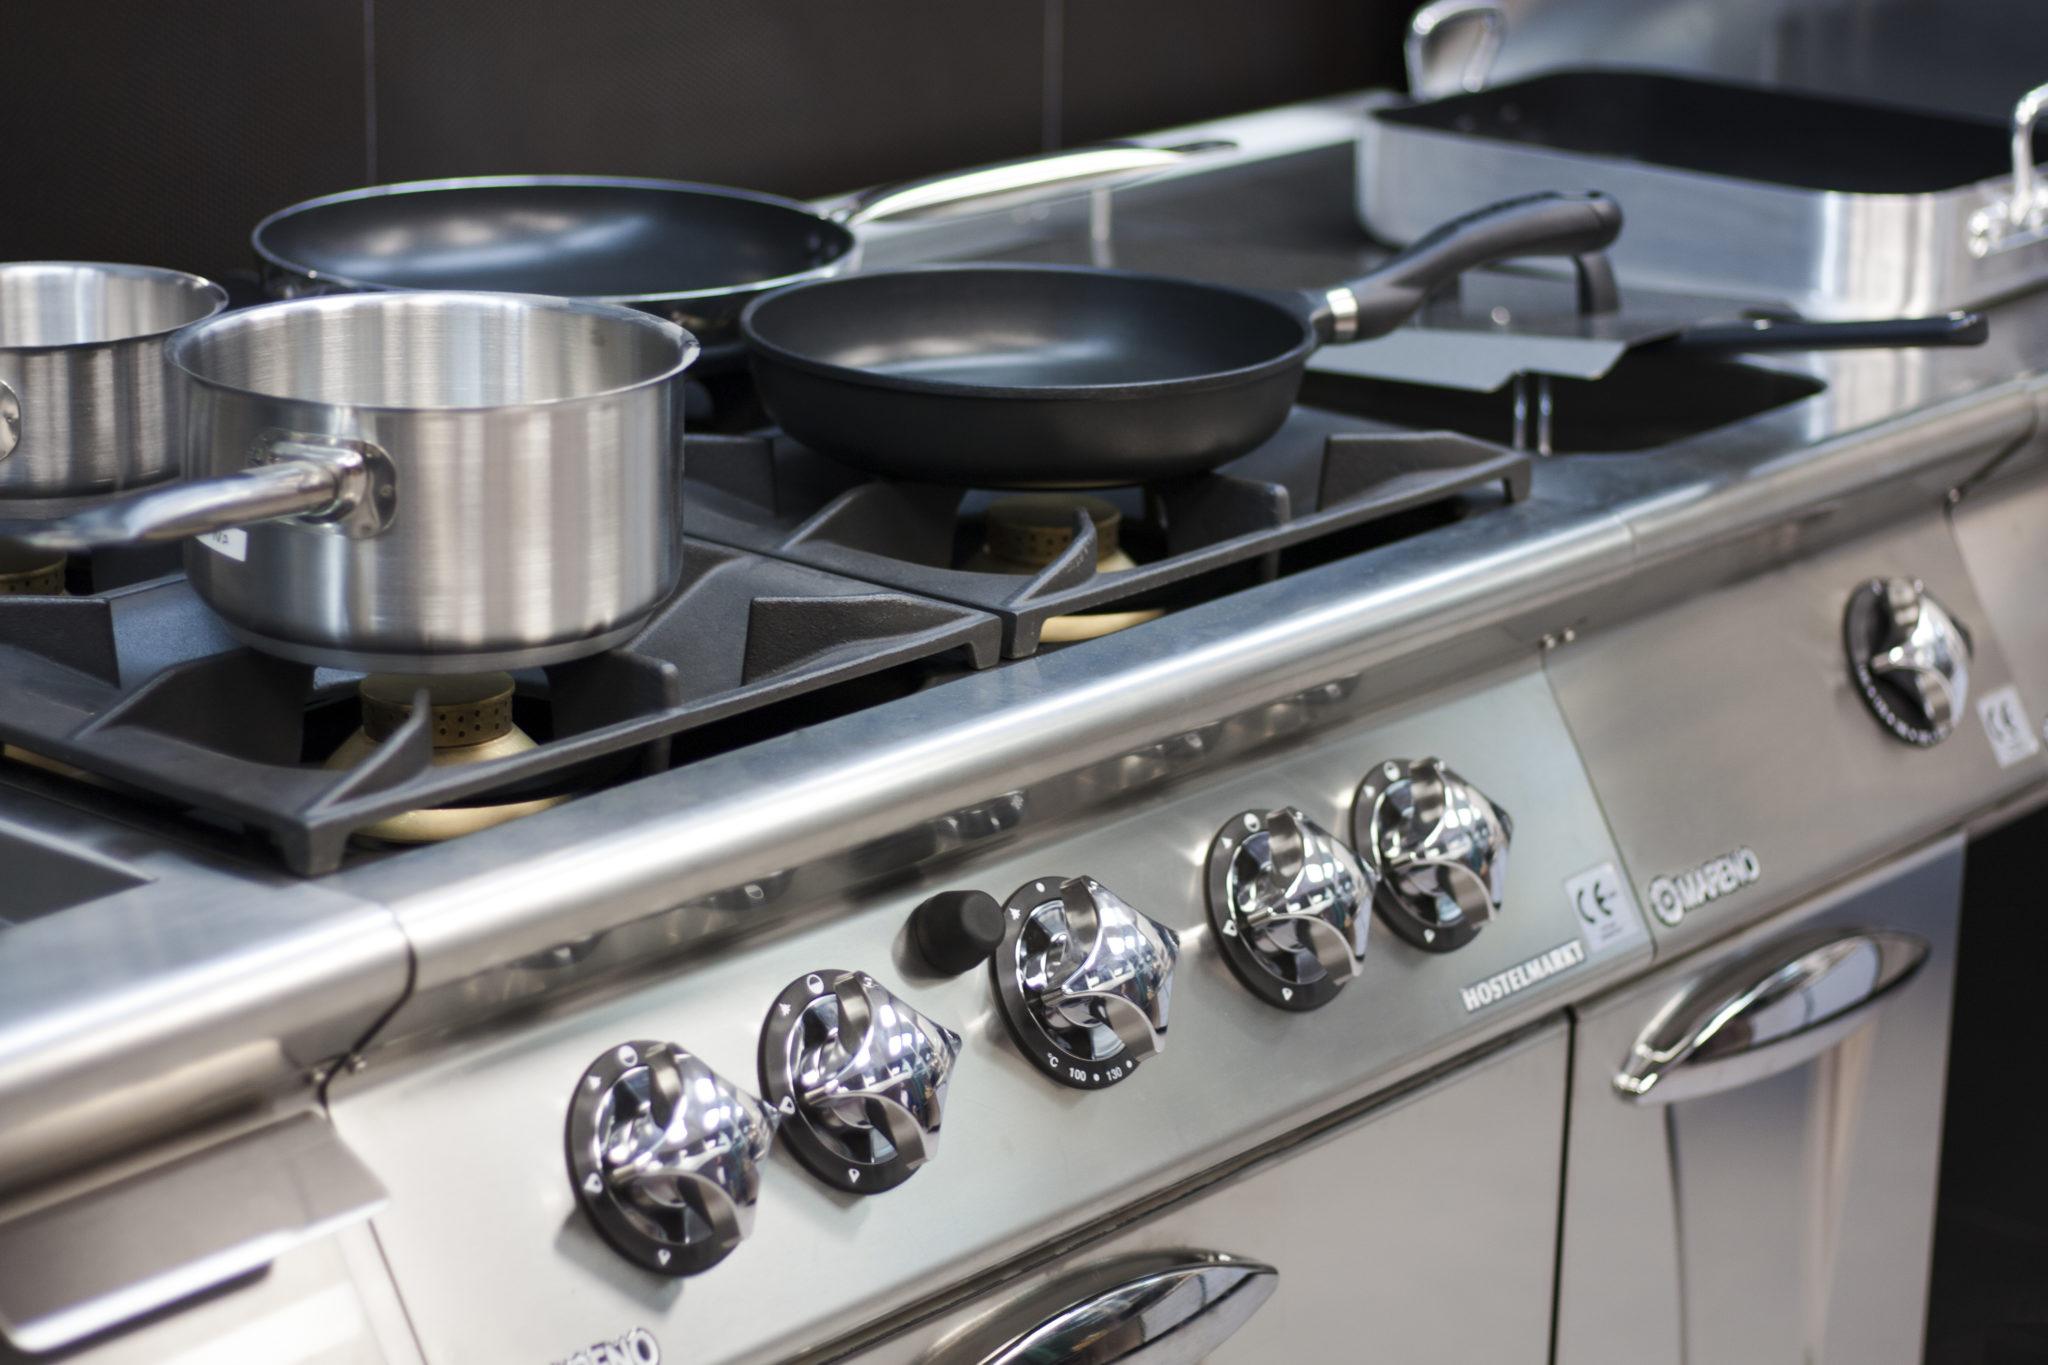 Diseño de cocina restaurante pequeño: Cómo aprovechar el espacio